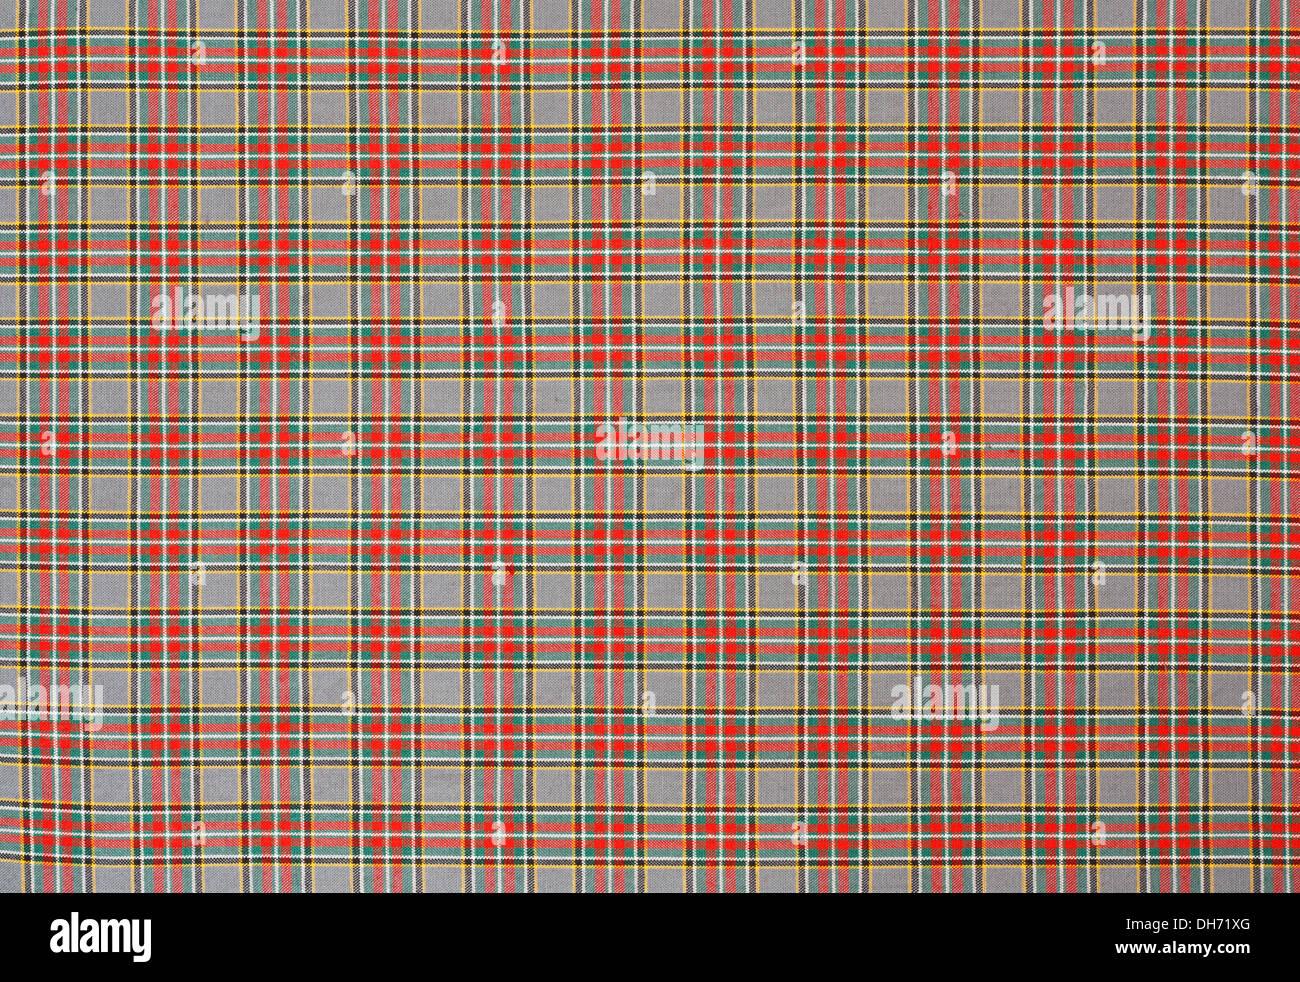 Tartán escocés un chequeo de antecedentes tejer patrón cuadriculado con rojo, verde y amarillo. Imagen De Stock